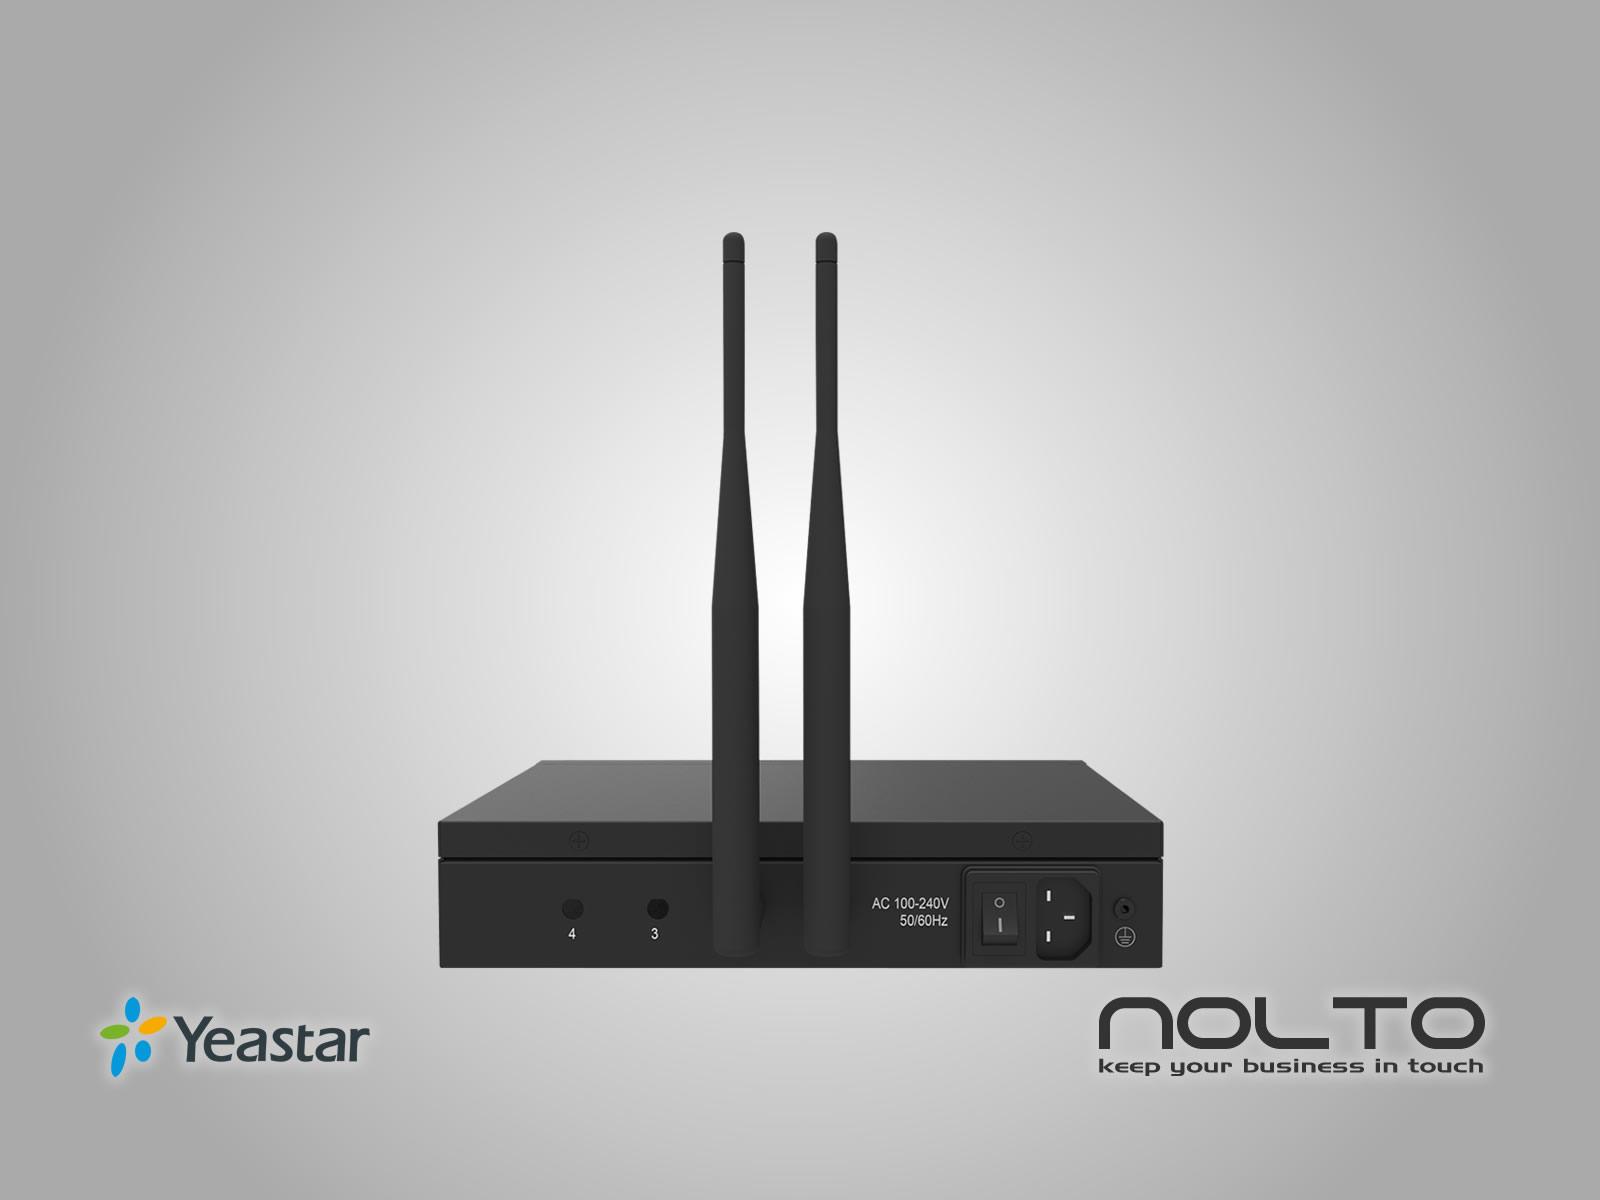 Yeastar TG200L LTE VoIP Gateway